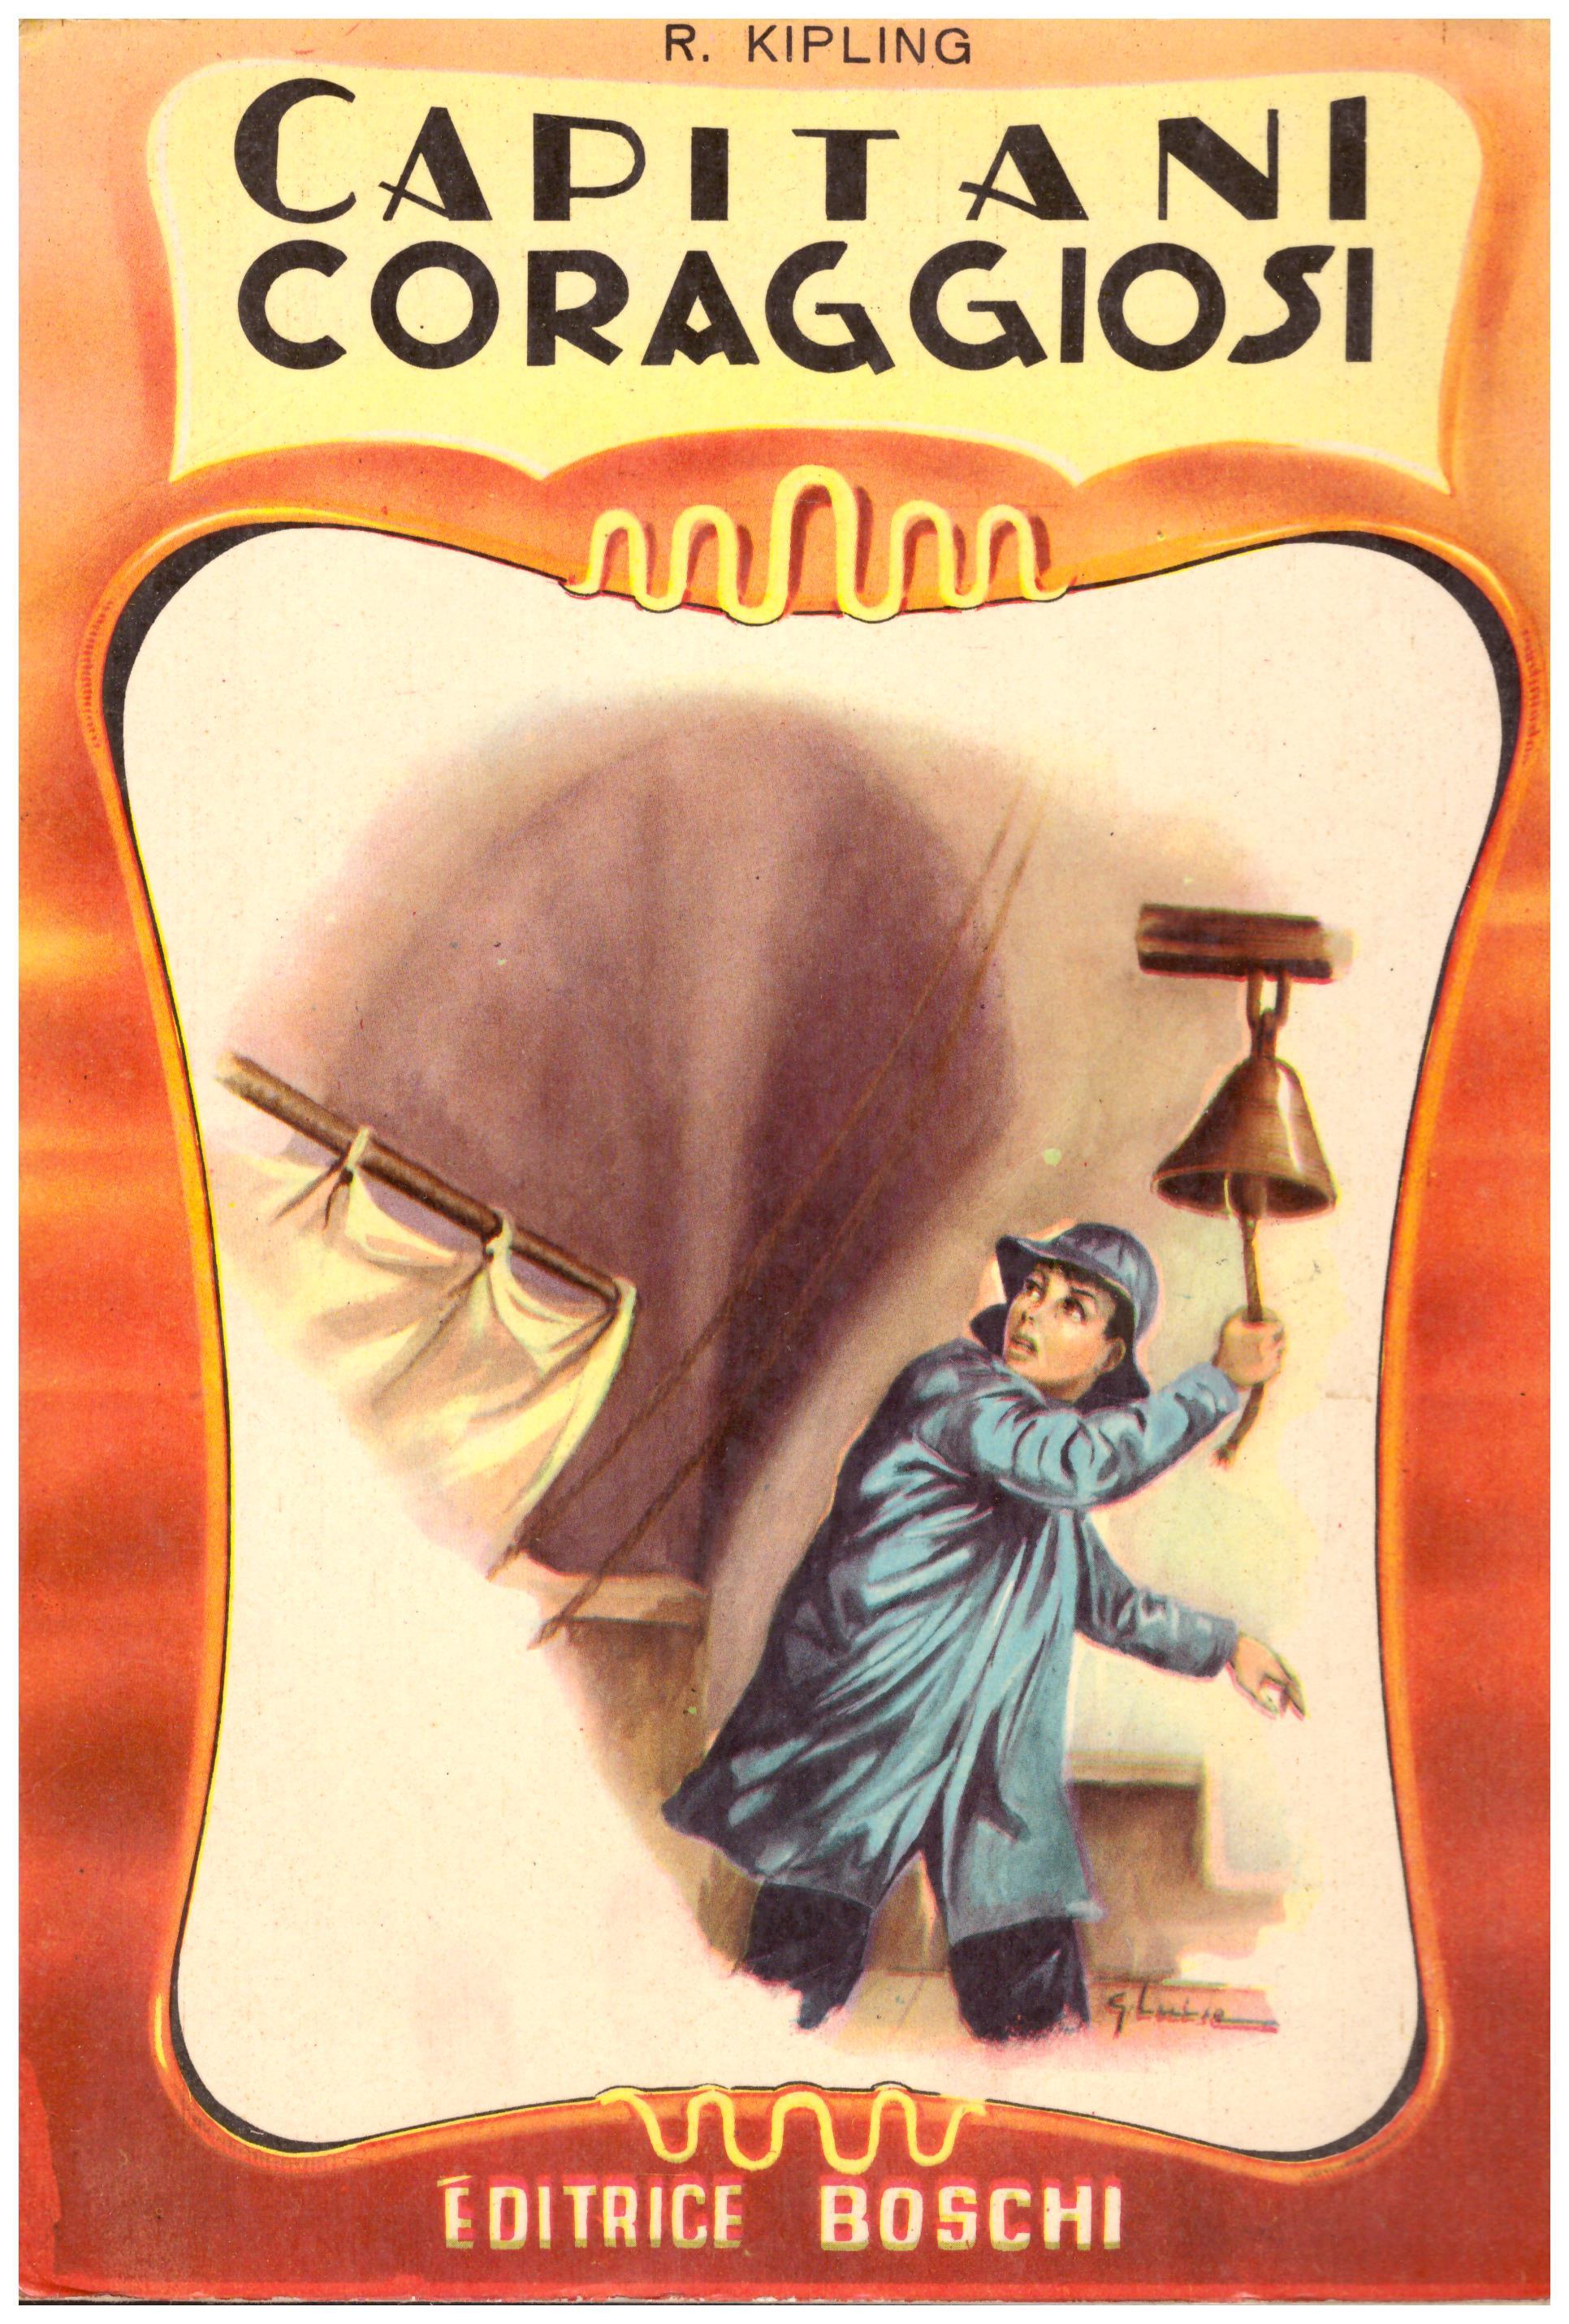 Titolo: Capitani coraggiosi Autore: R. Kipling Editore: Boschi, 1962